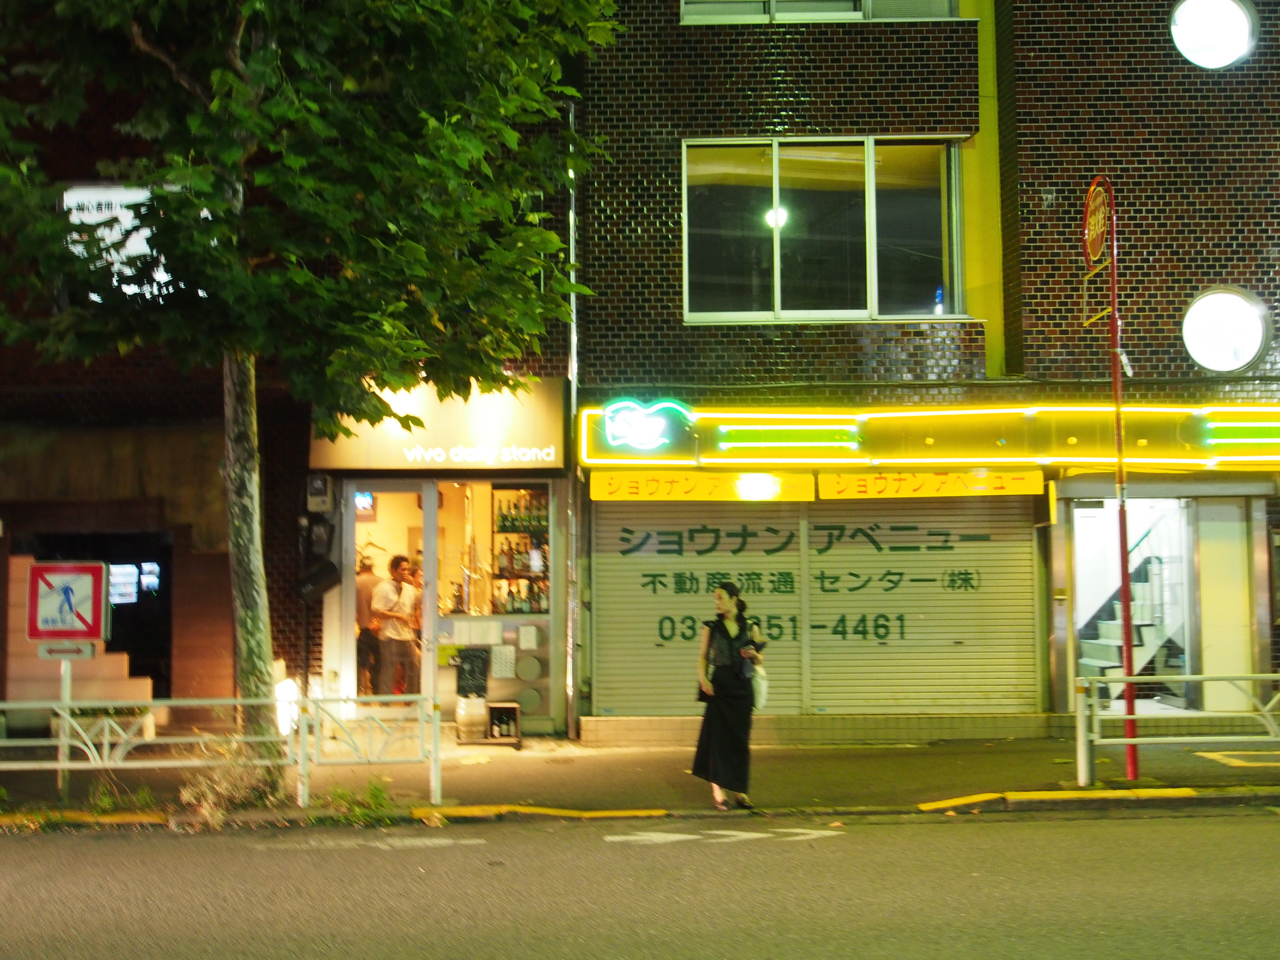 vivo daily standはおなじみ ここも近所の常連さんが夜な夜な集う